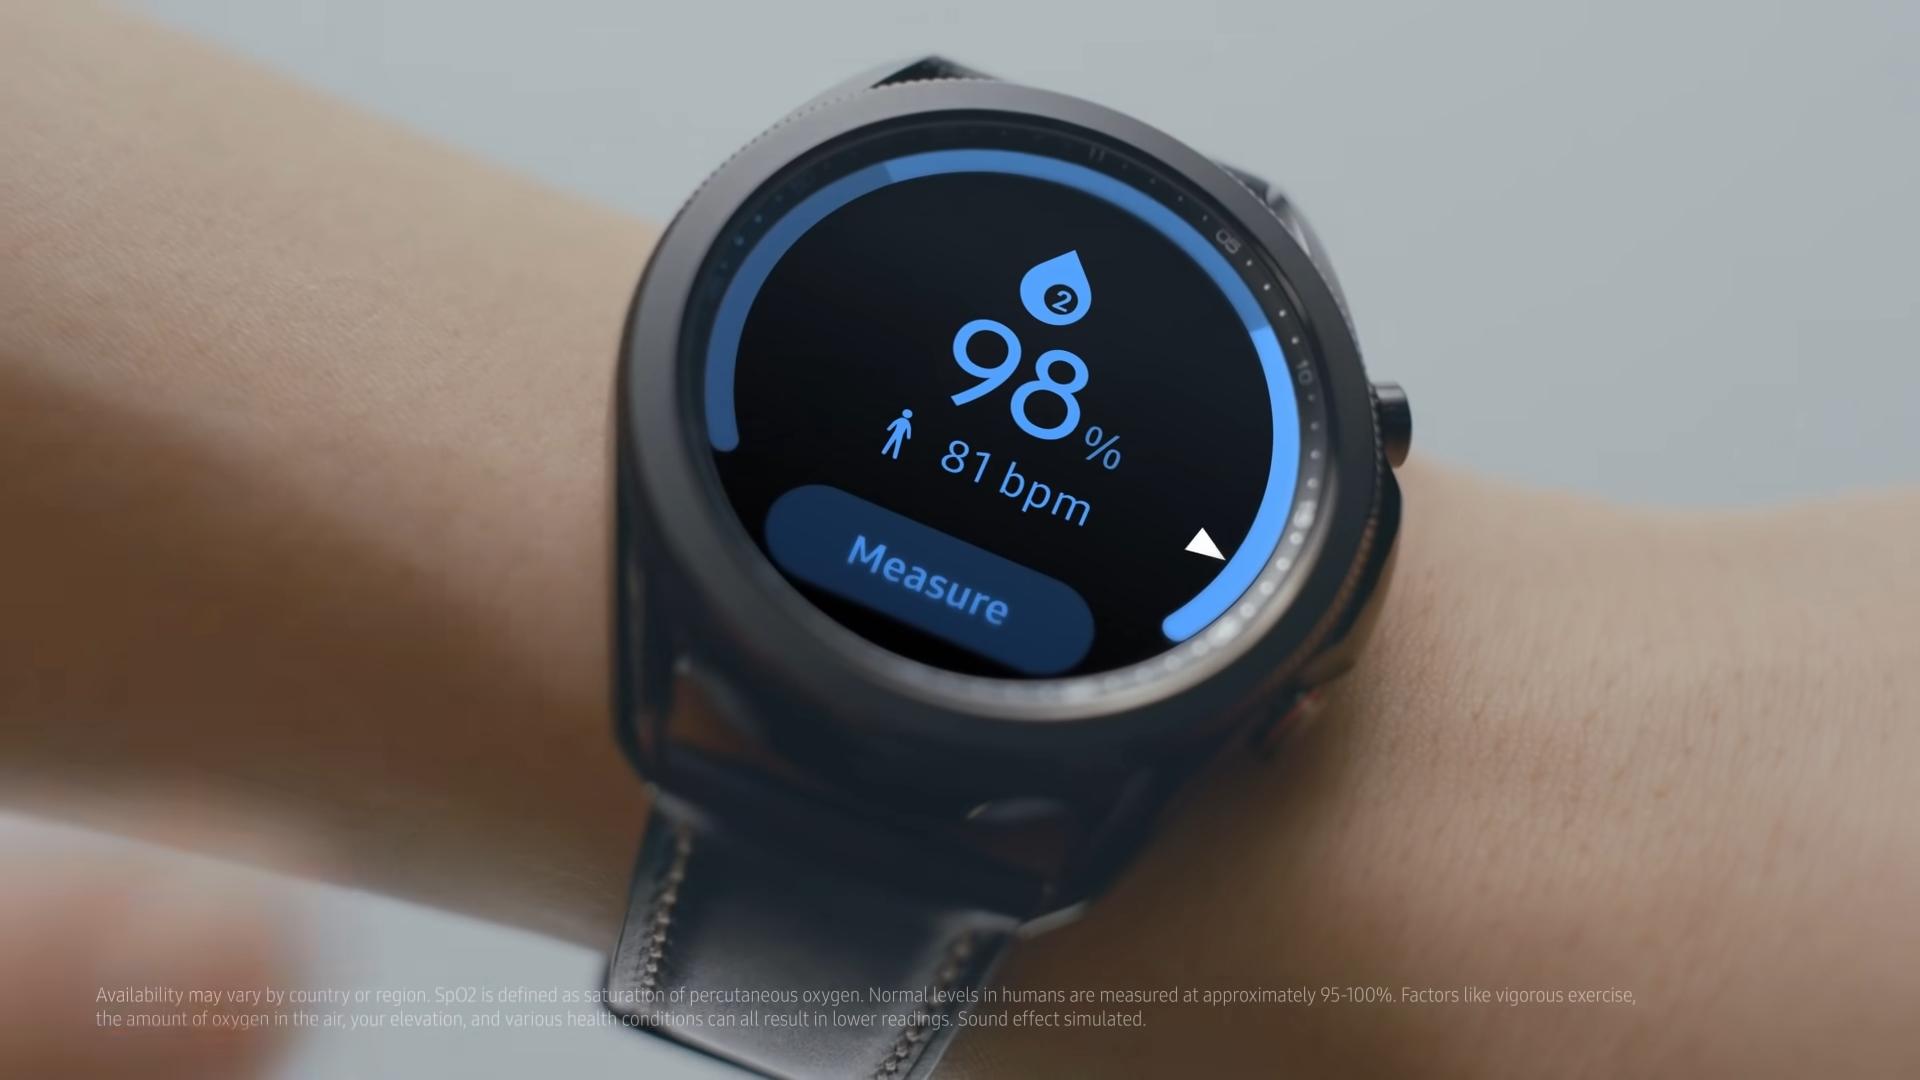 ดูแลสุขภาพได้ด้วยตัวเองผ่านข้อมือคุณ ด้วย Samsung Galaxy Watch3 สมาร์ทวอทช์แฟลกชิปสุดล้ำที่มาพร้อมกับเทคโนโลยีด้านสุขภาพชั้นนำ